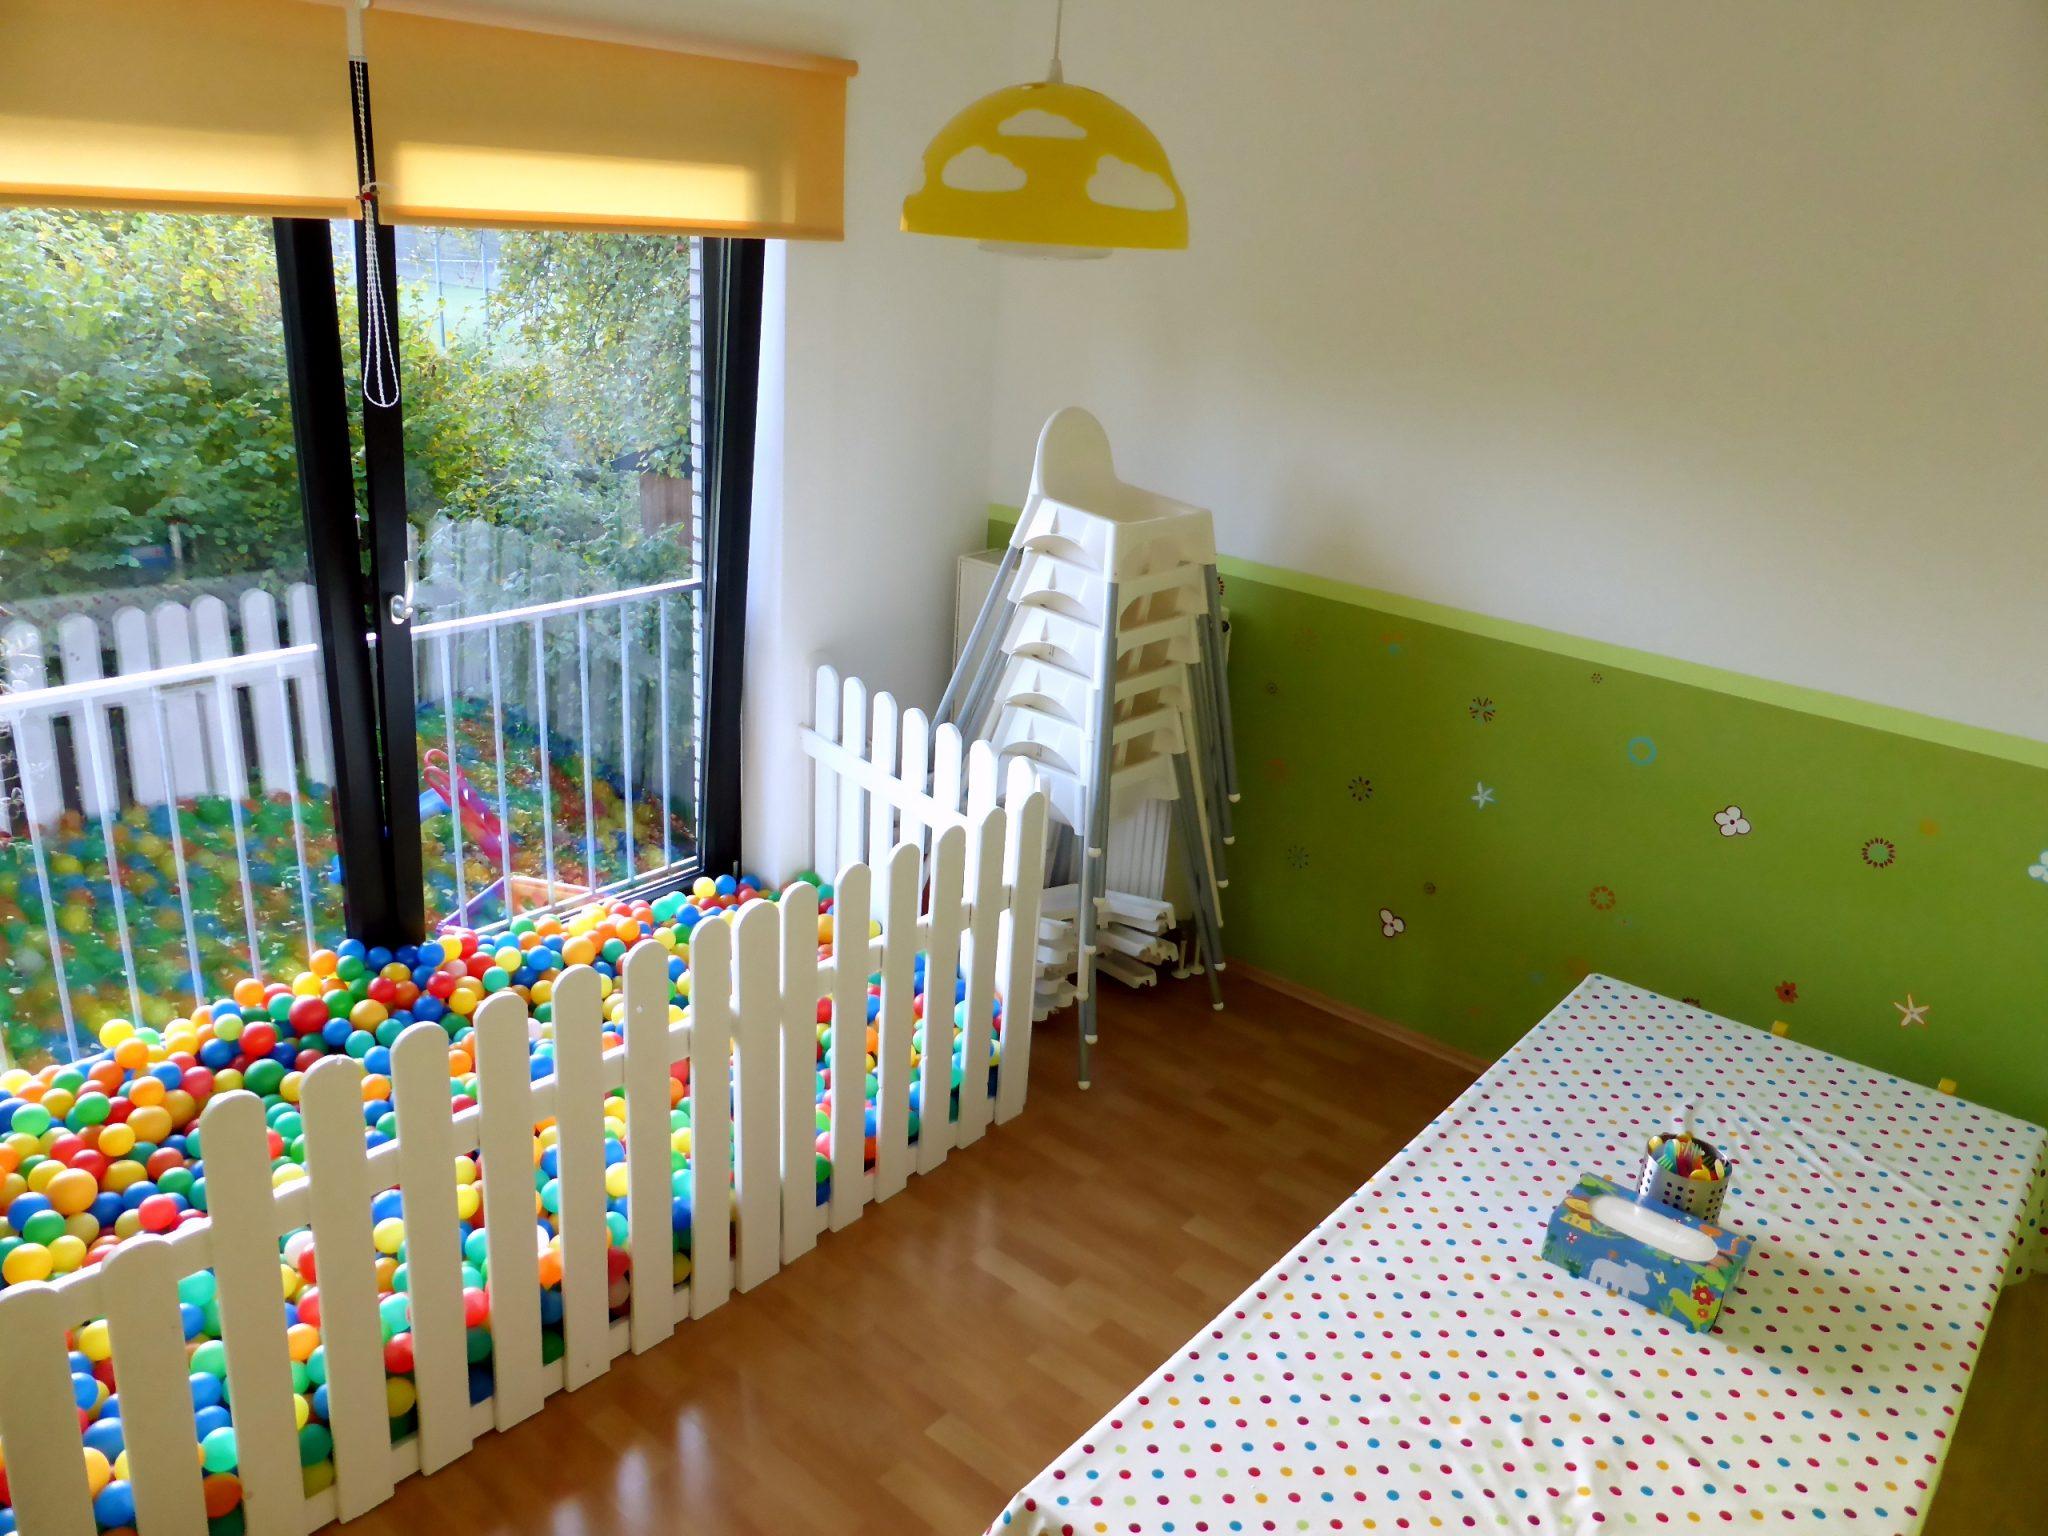 Esszimmer 4 Kita Kid Zone Kinderbetreuung  - Esszimmer und Bällebad